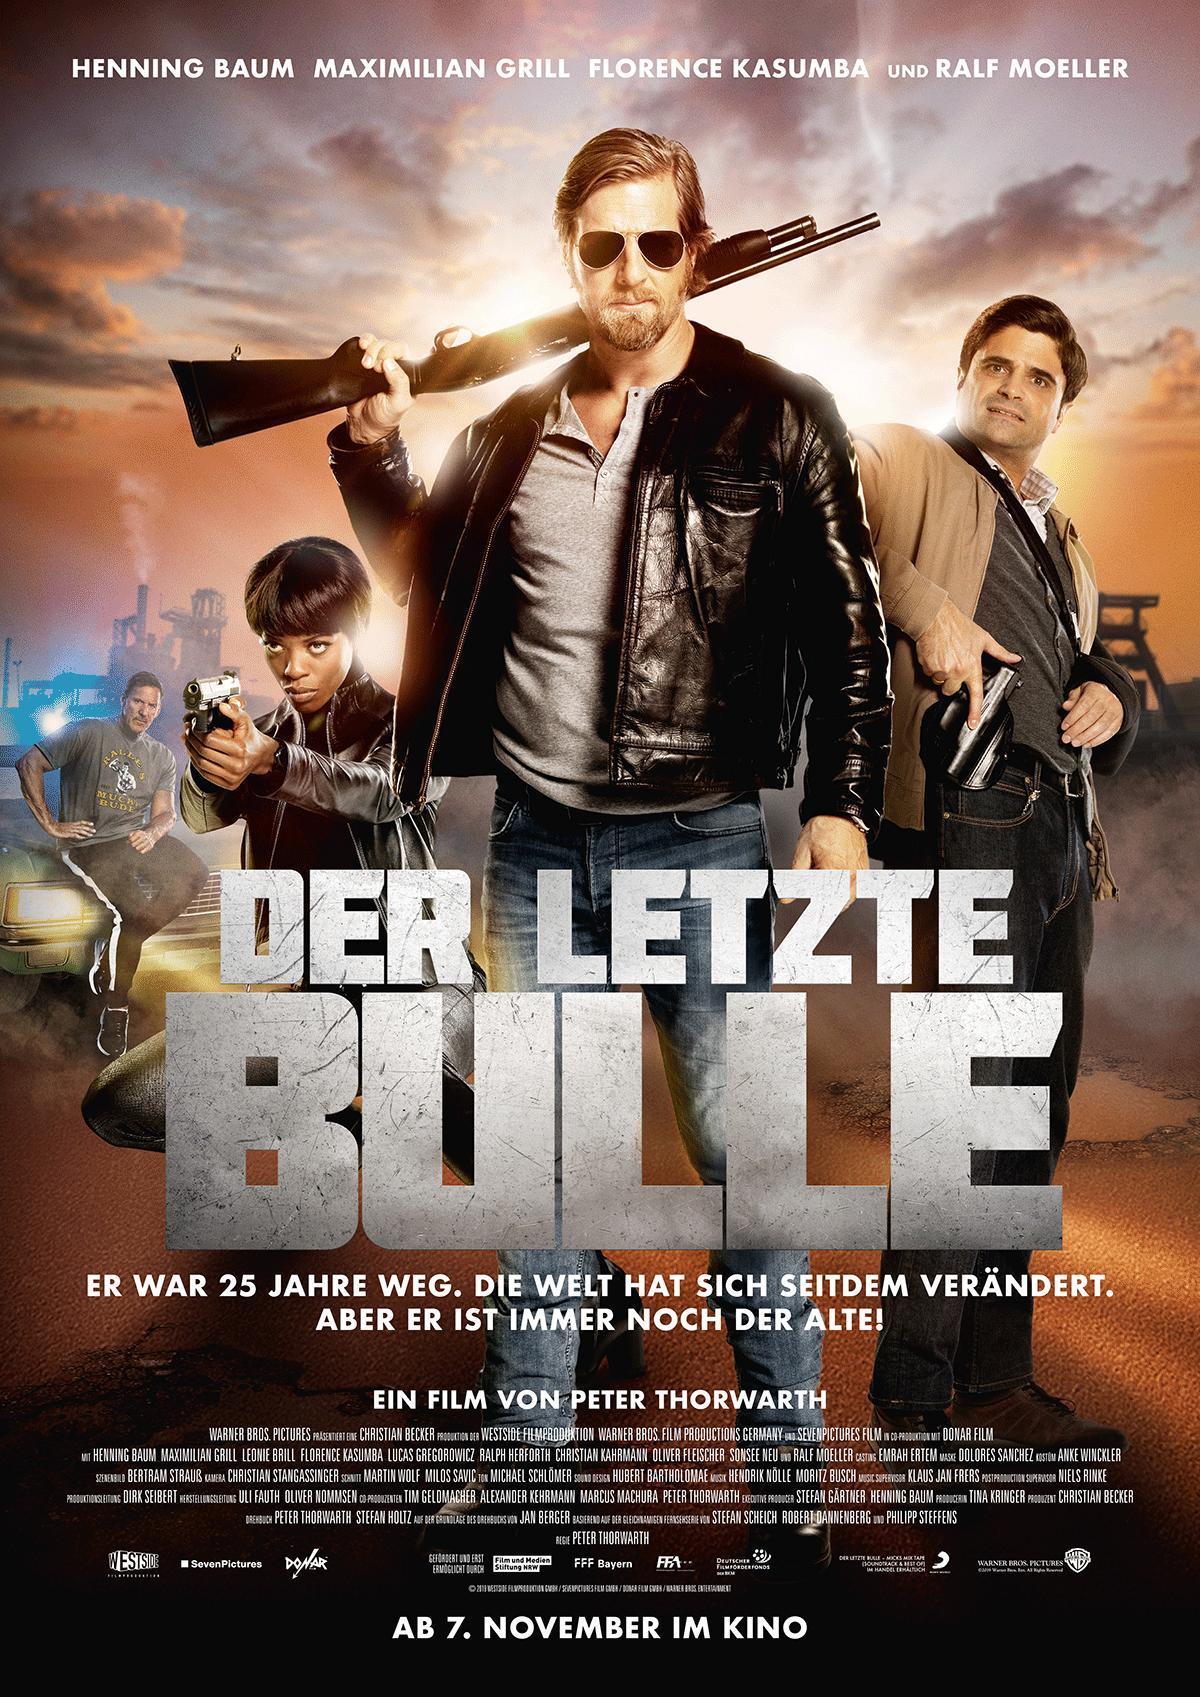 der letzte bulle im kino